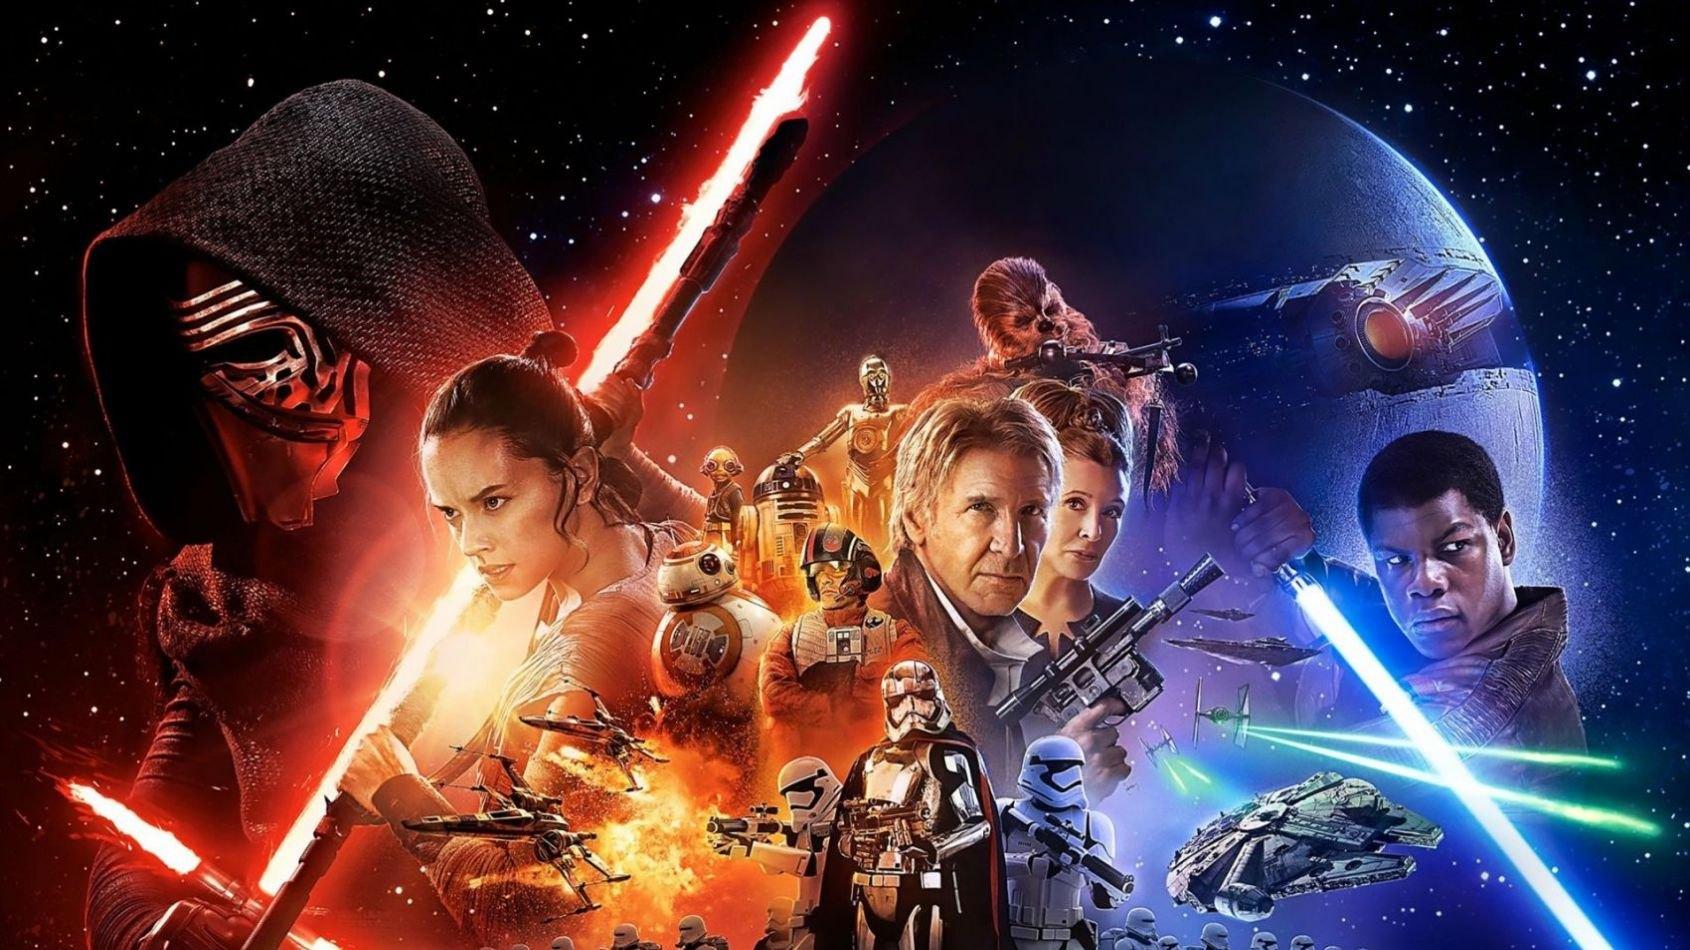 Le Réveil de la Force sur TF1 le 27 mai prochain